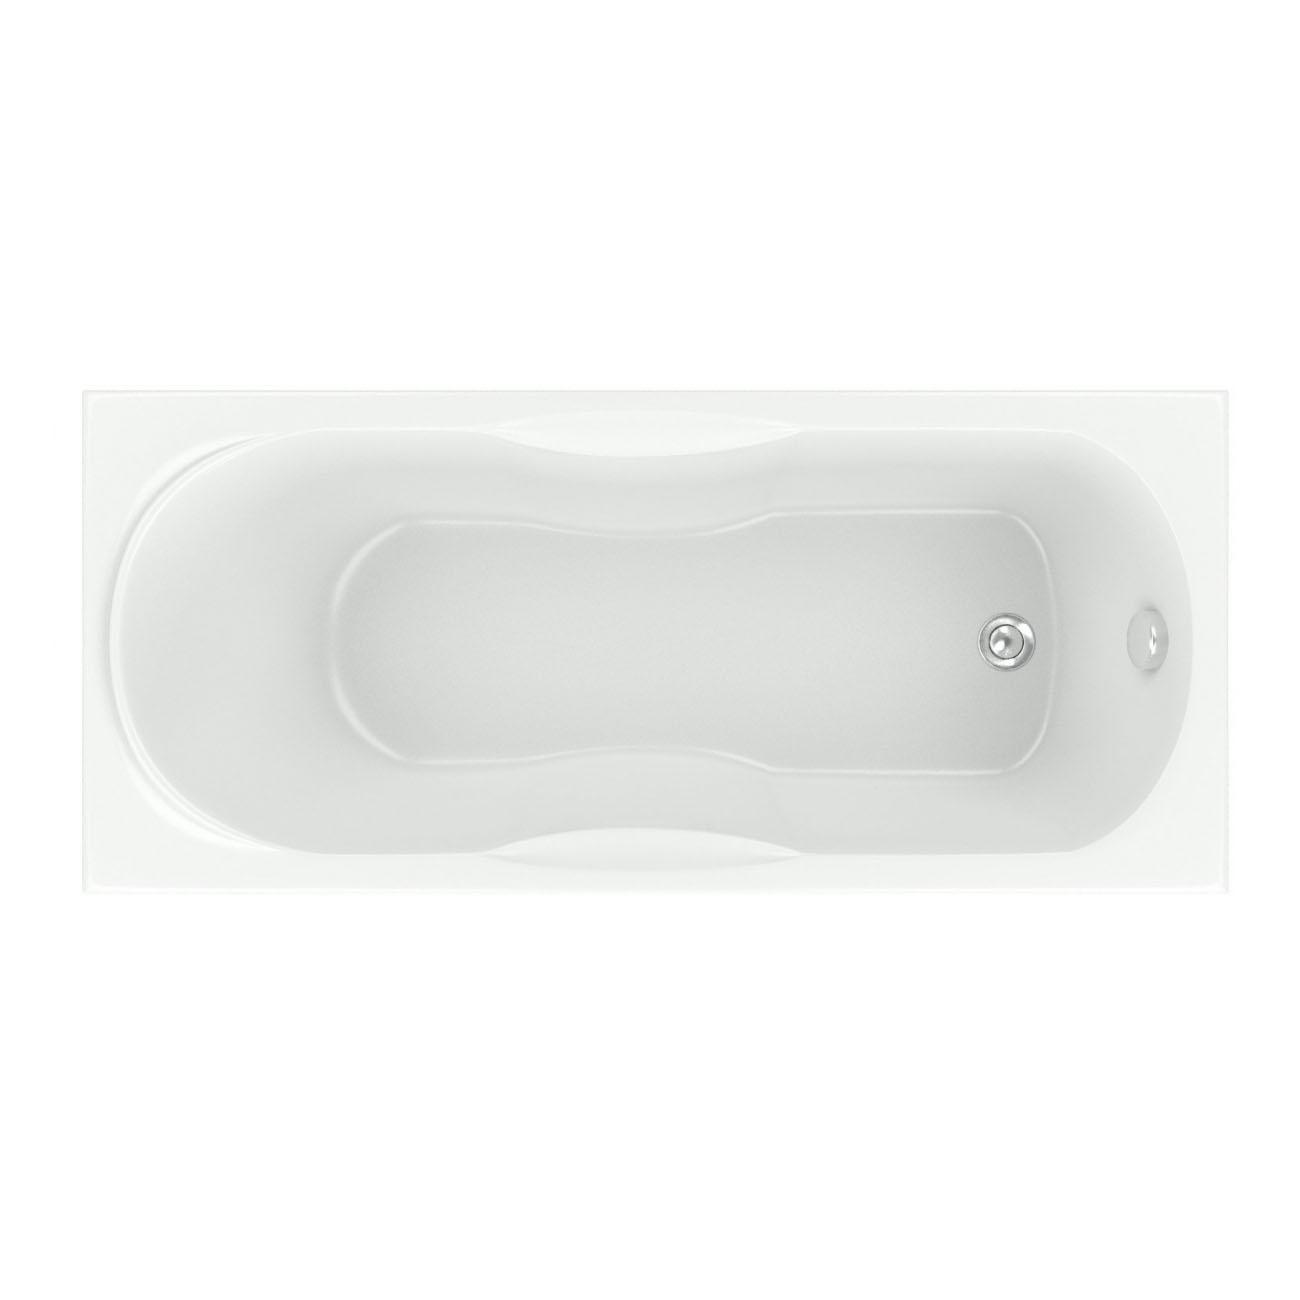 Акриловая ванна Bas Рио 160х70 без гидромассажа bas империал без гидромассажа